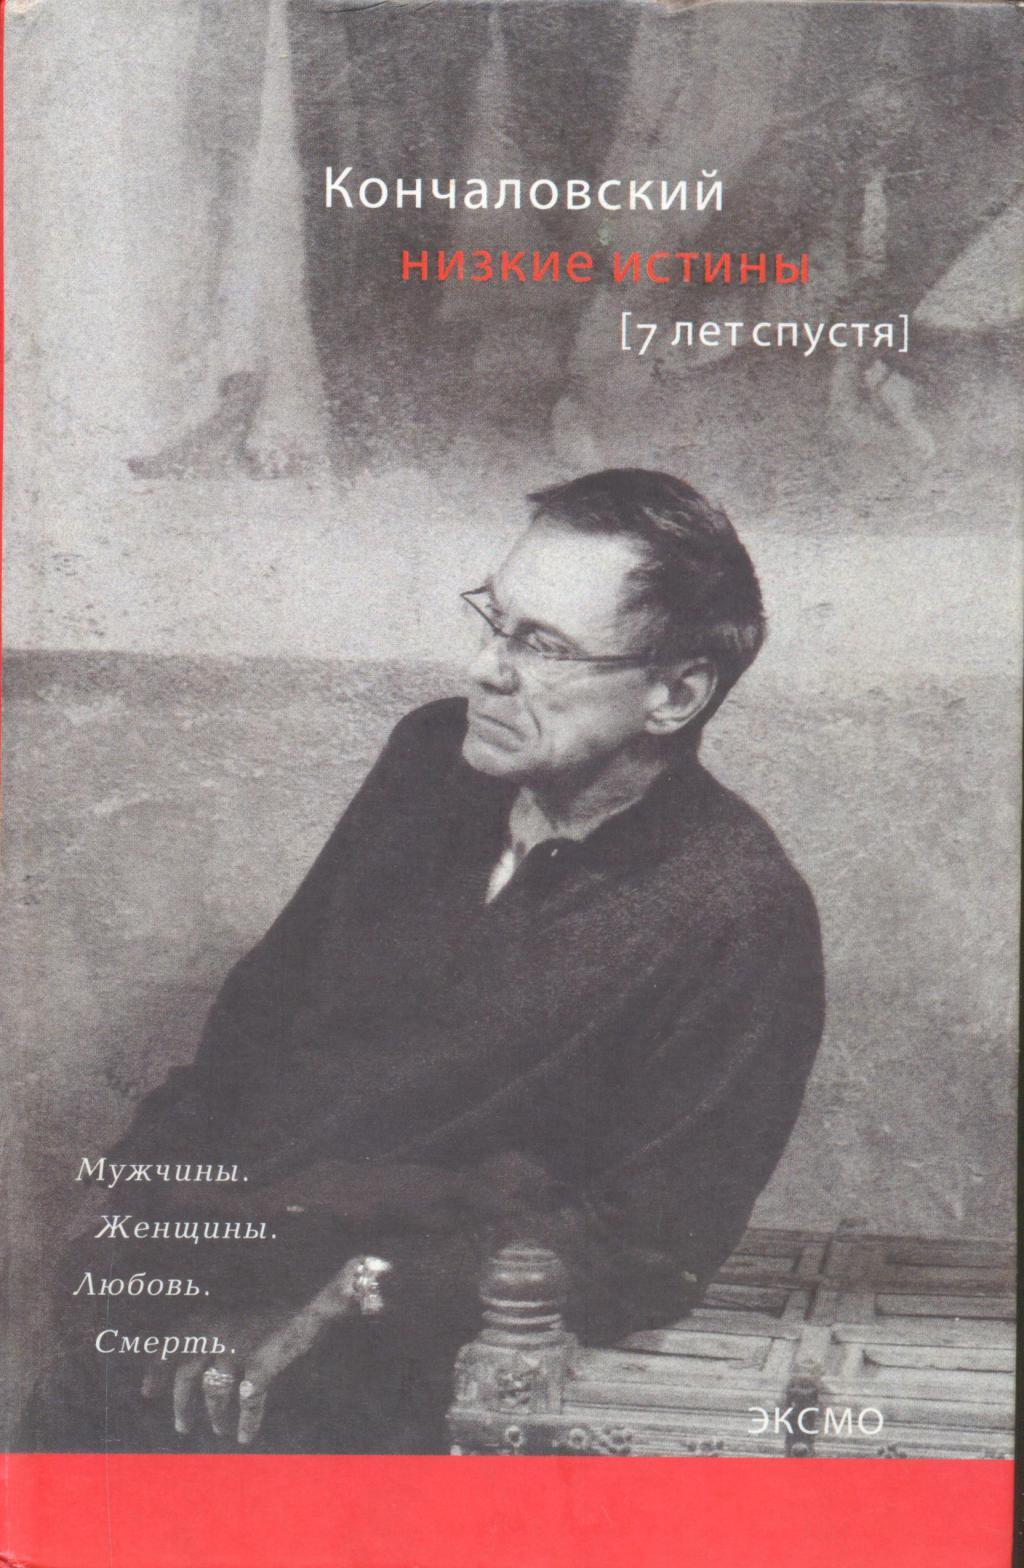 knigi-andreya-konchalovskogo